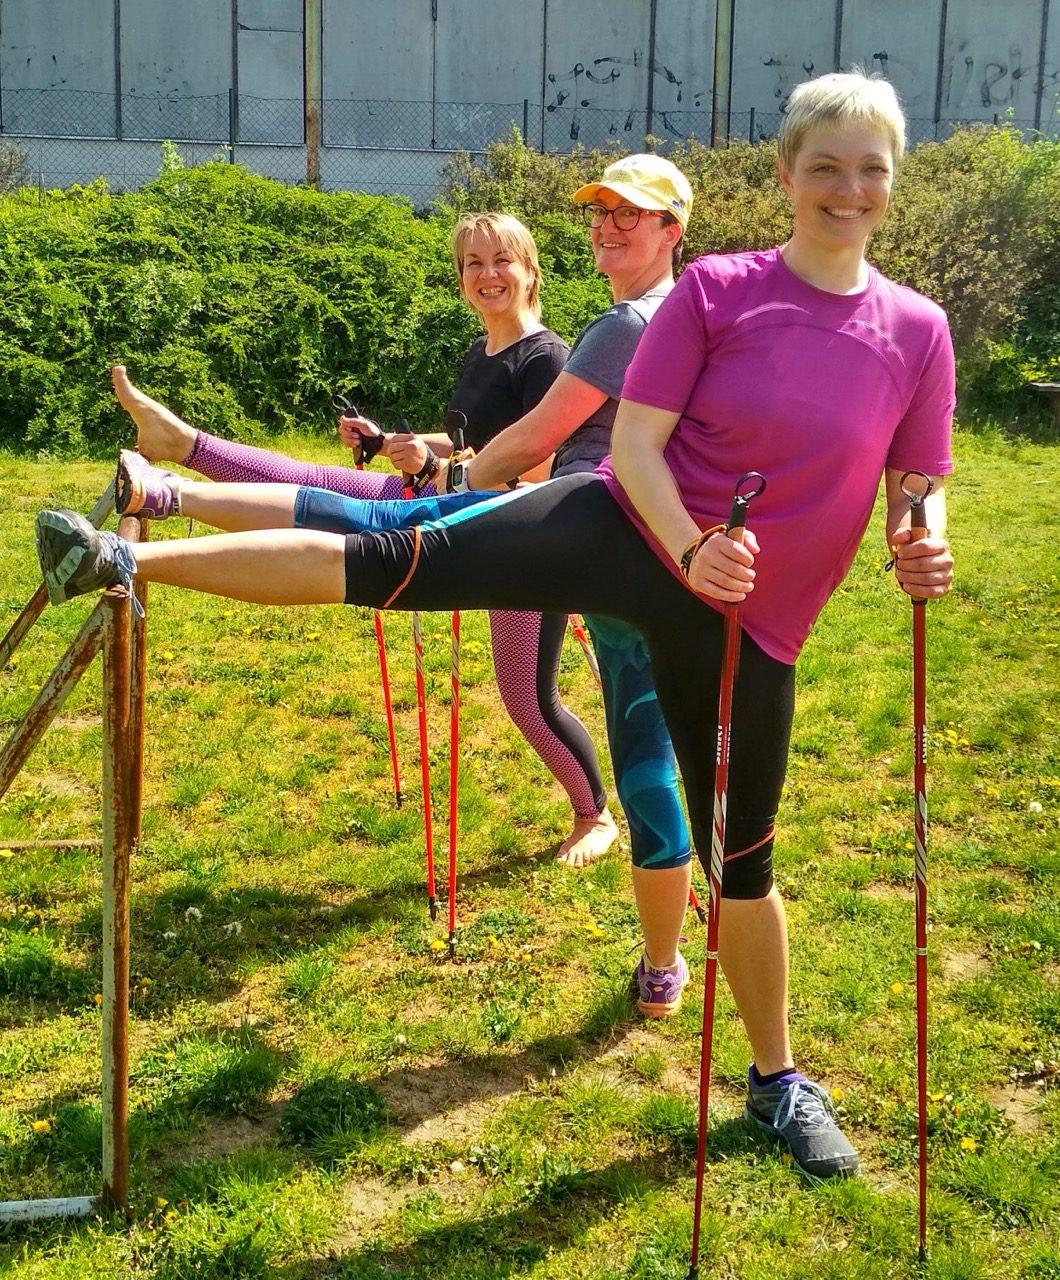 IK 2019, instruktorský kurz Kondiční chůze – nordic walking, 2. část, 26.-28.4. 2019